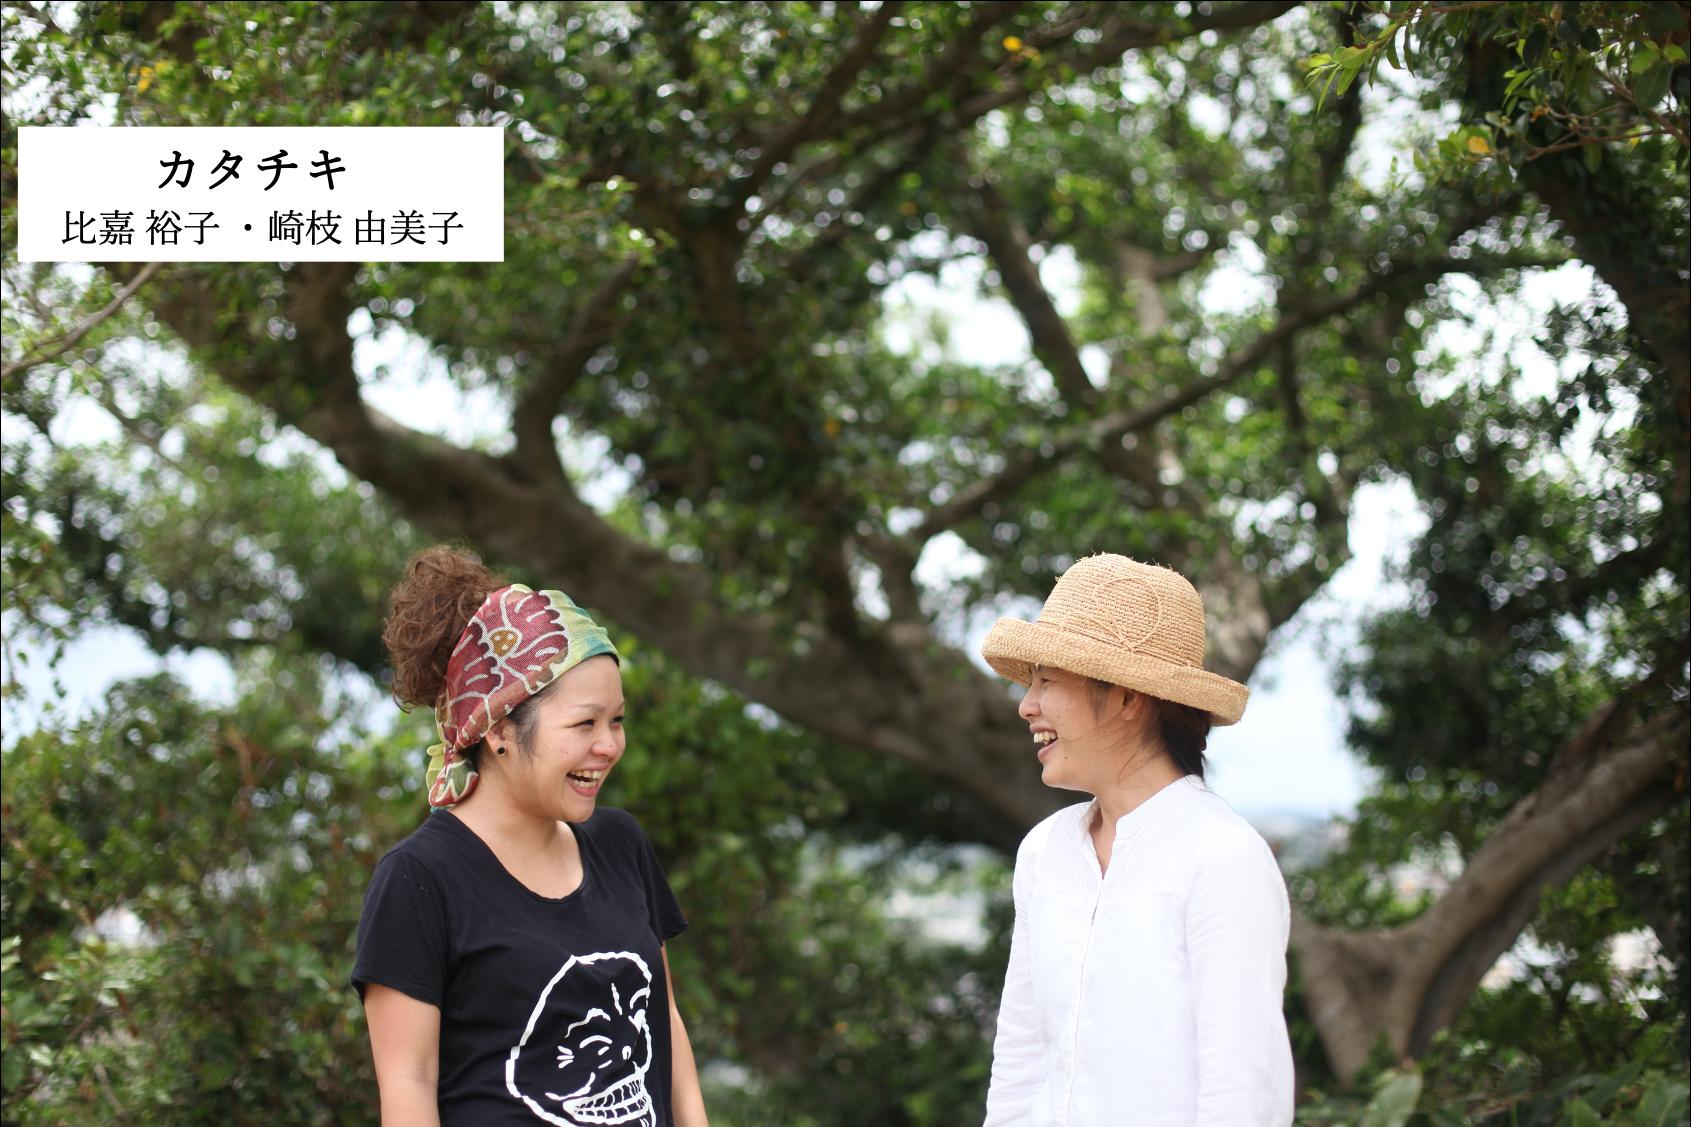 紅型×ミシン。沖縄の伝統技術とアイデアから生まれる新しい形「カタチキ」